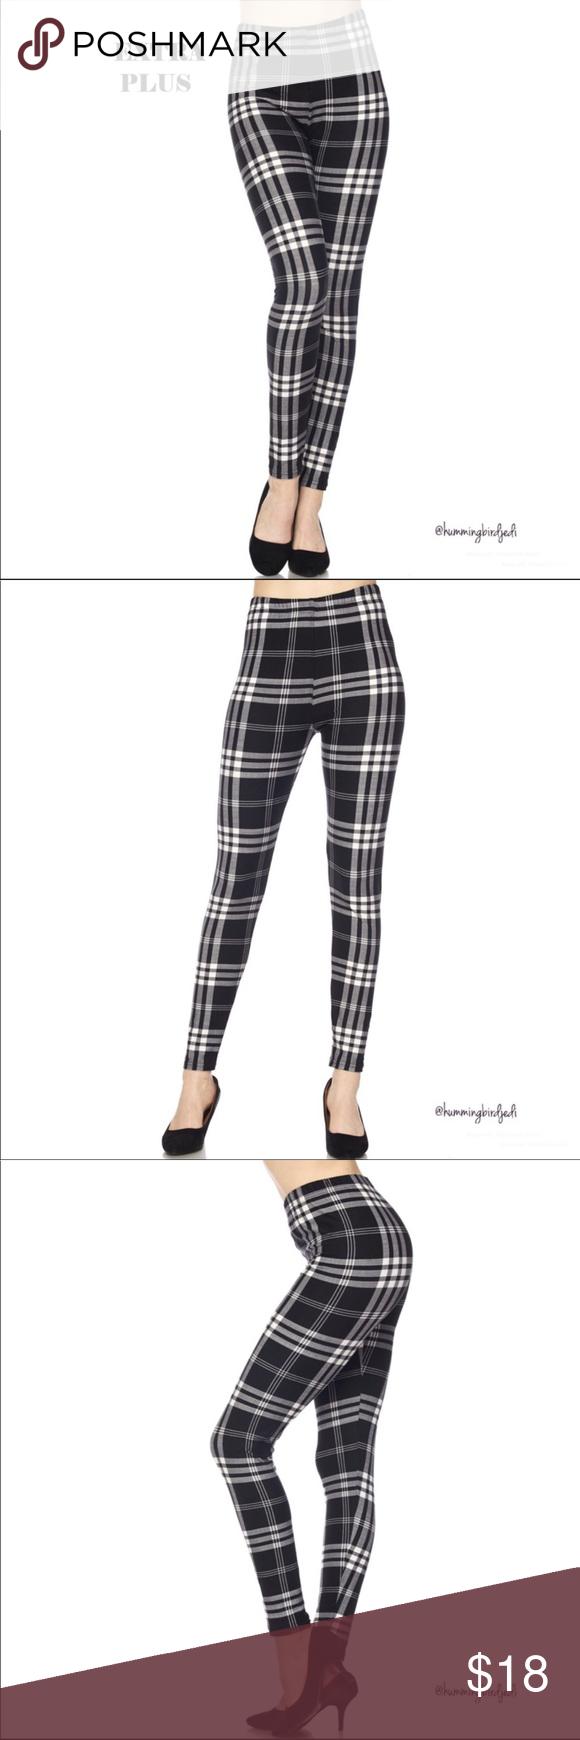 Women/'s 3x-5x Leggings Posh Plaid